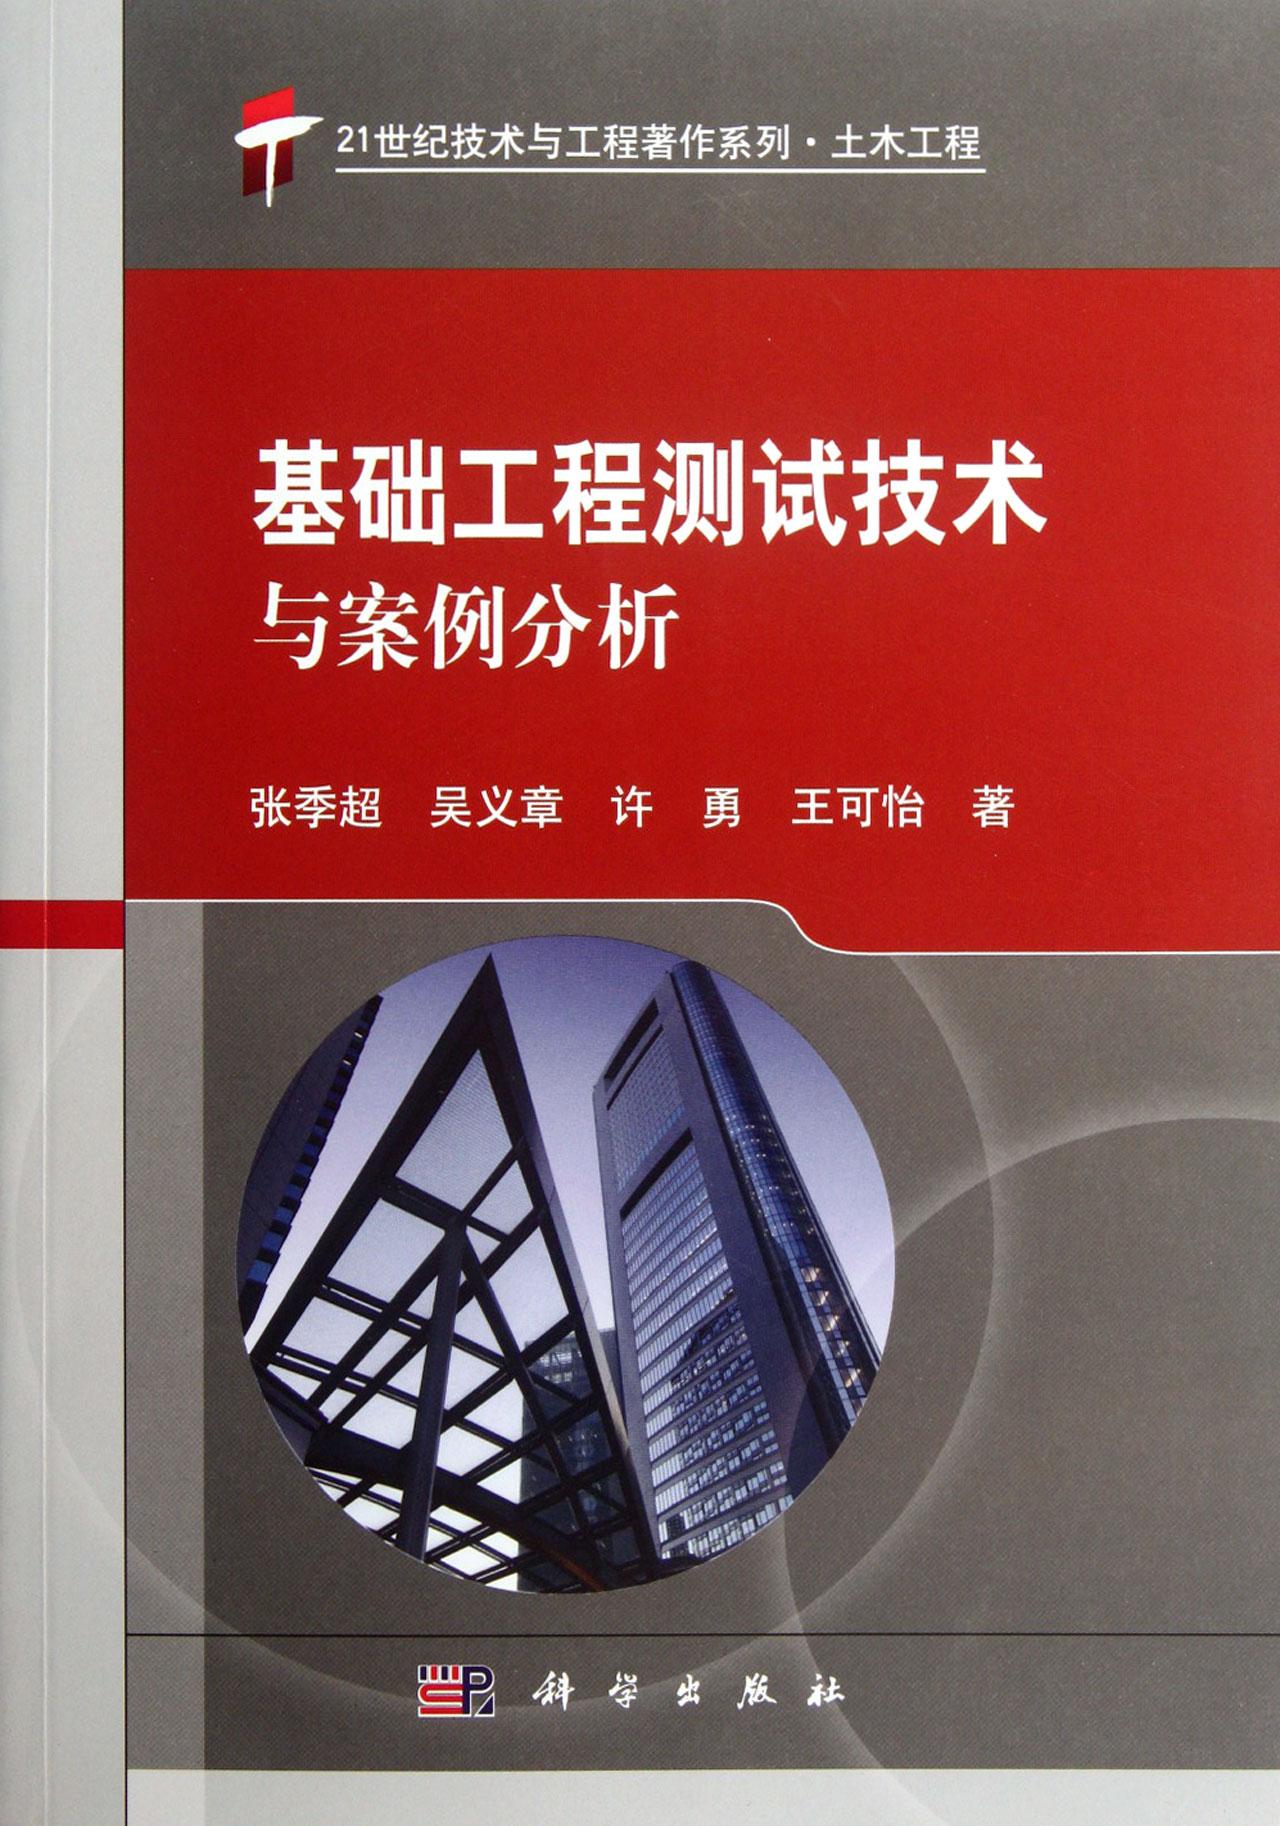 基础工程测试技术与案例分析(土木工程)